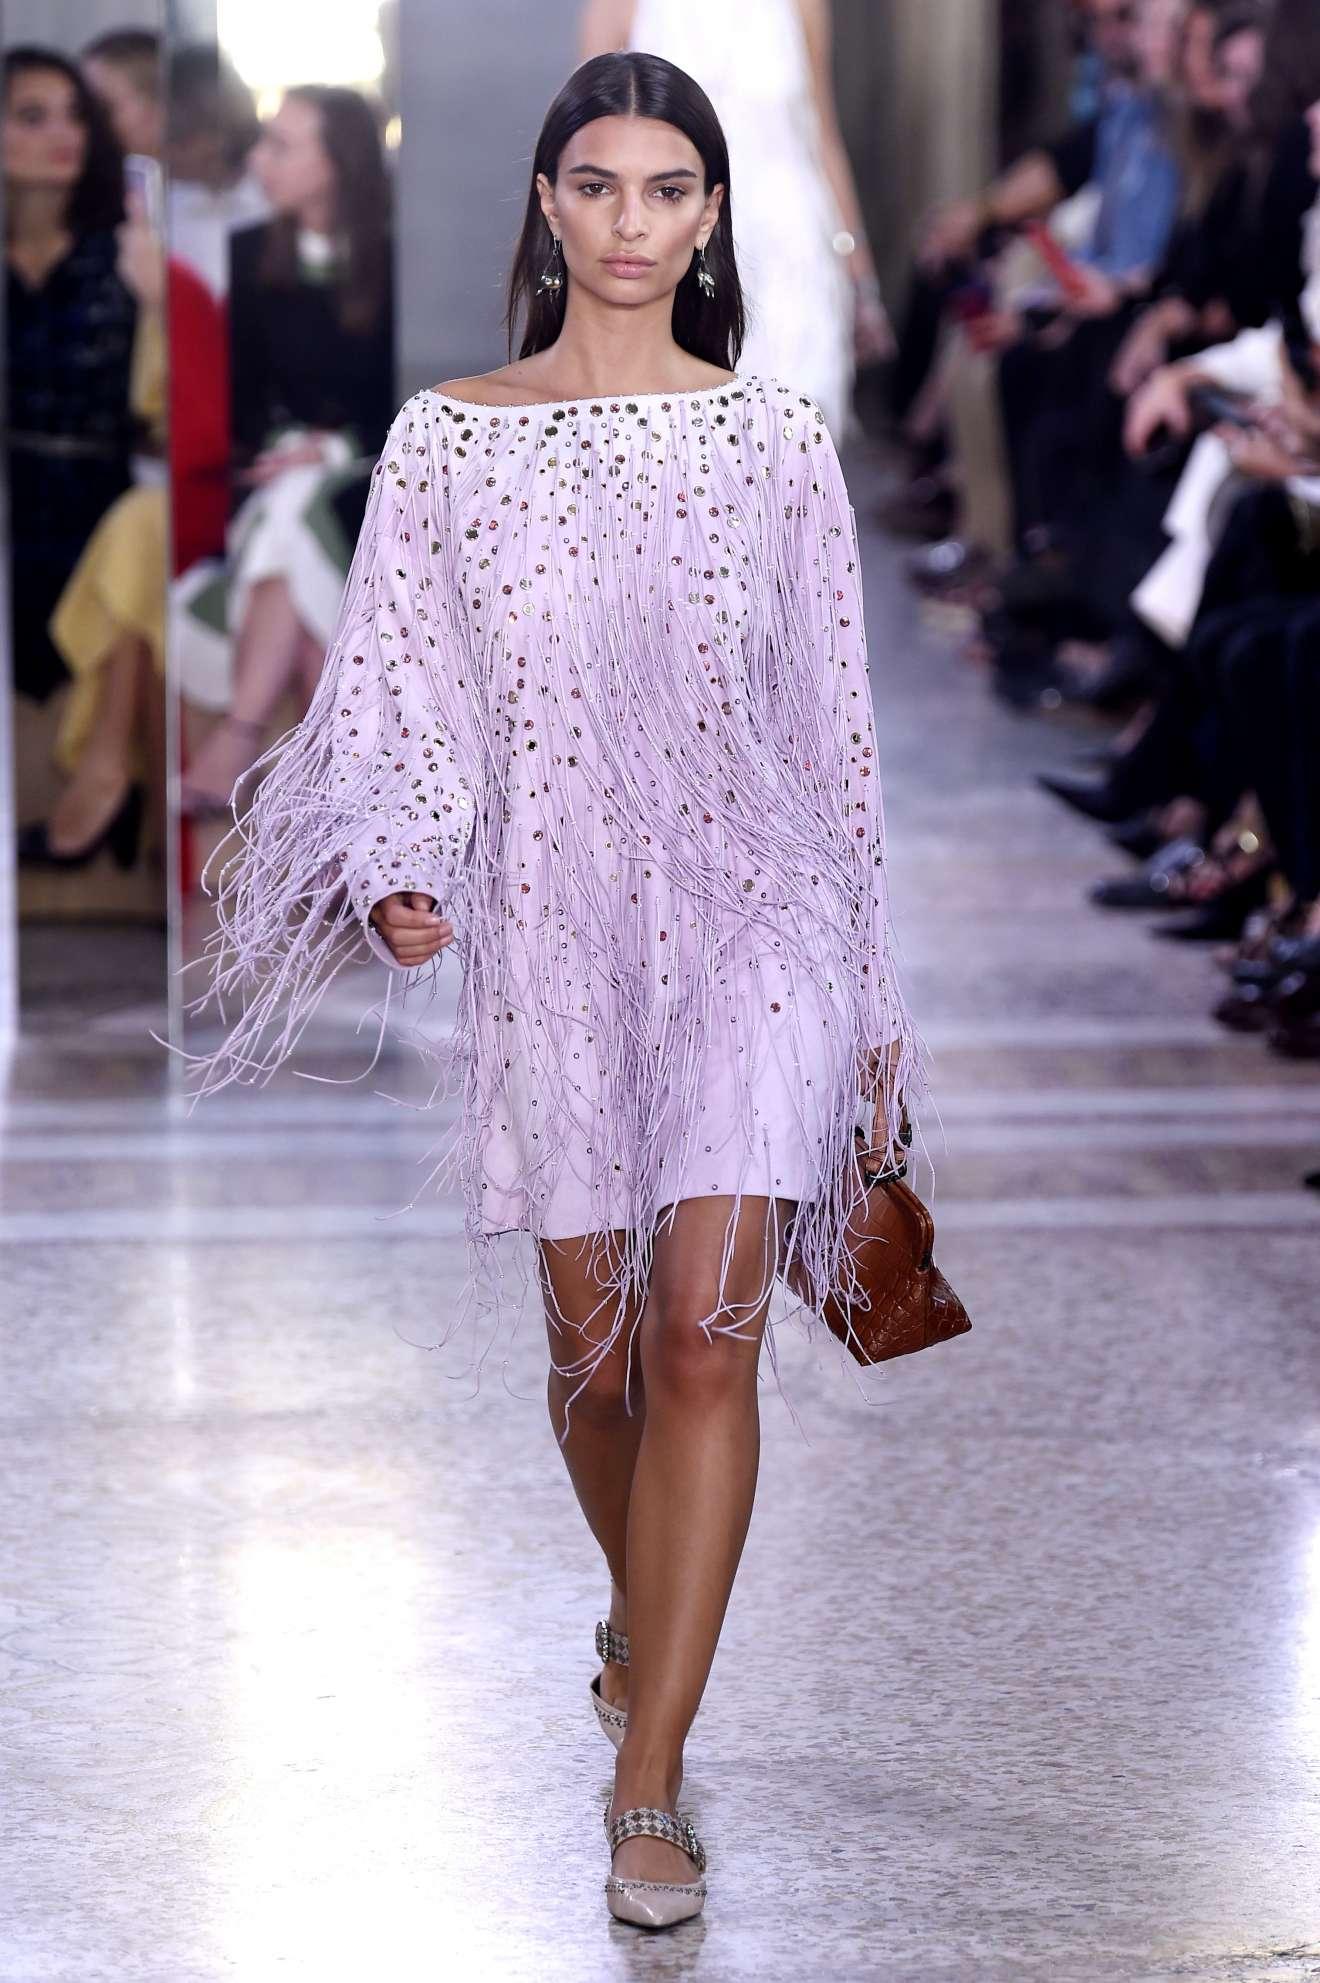 Image result for Emily Ratajkowski milan fashion week